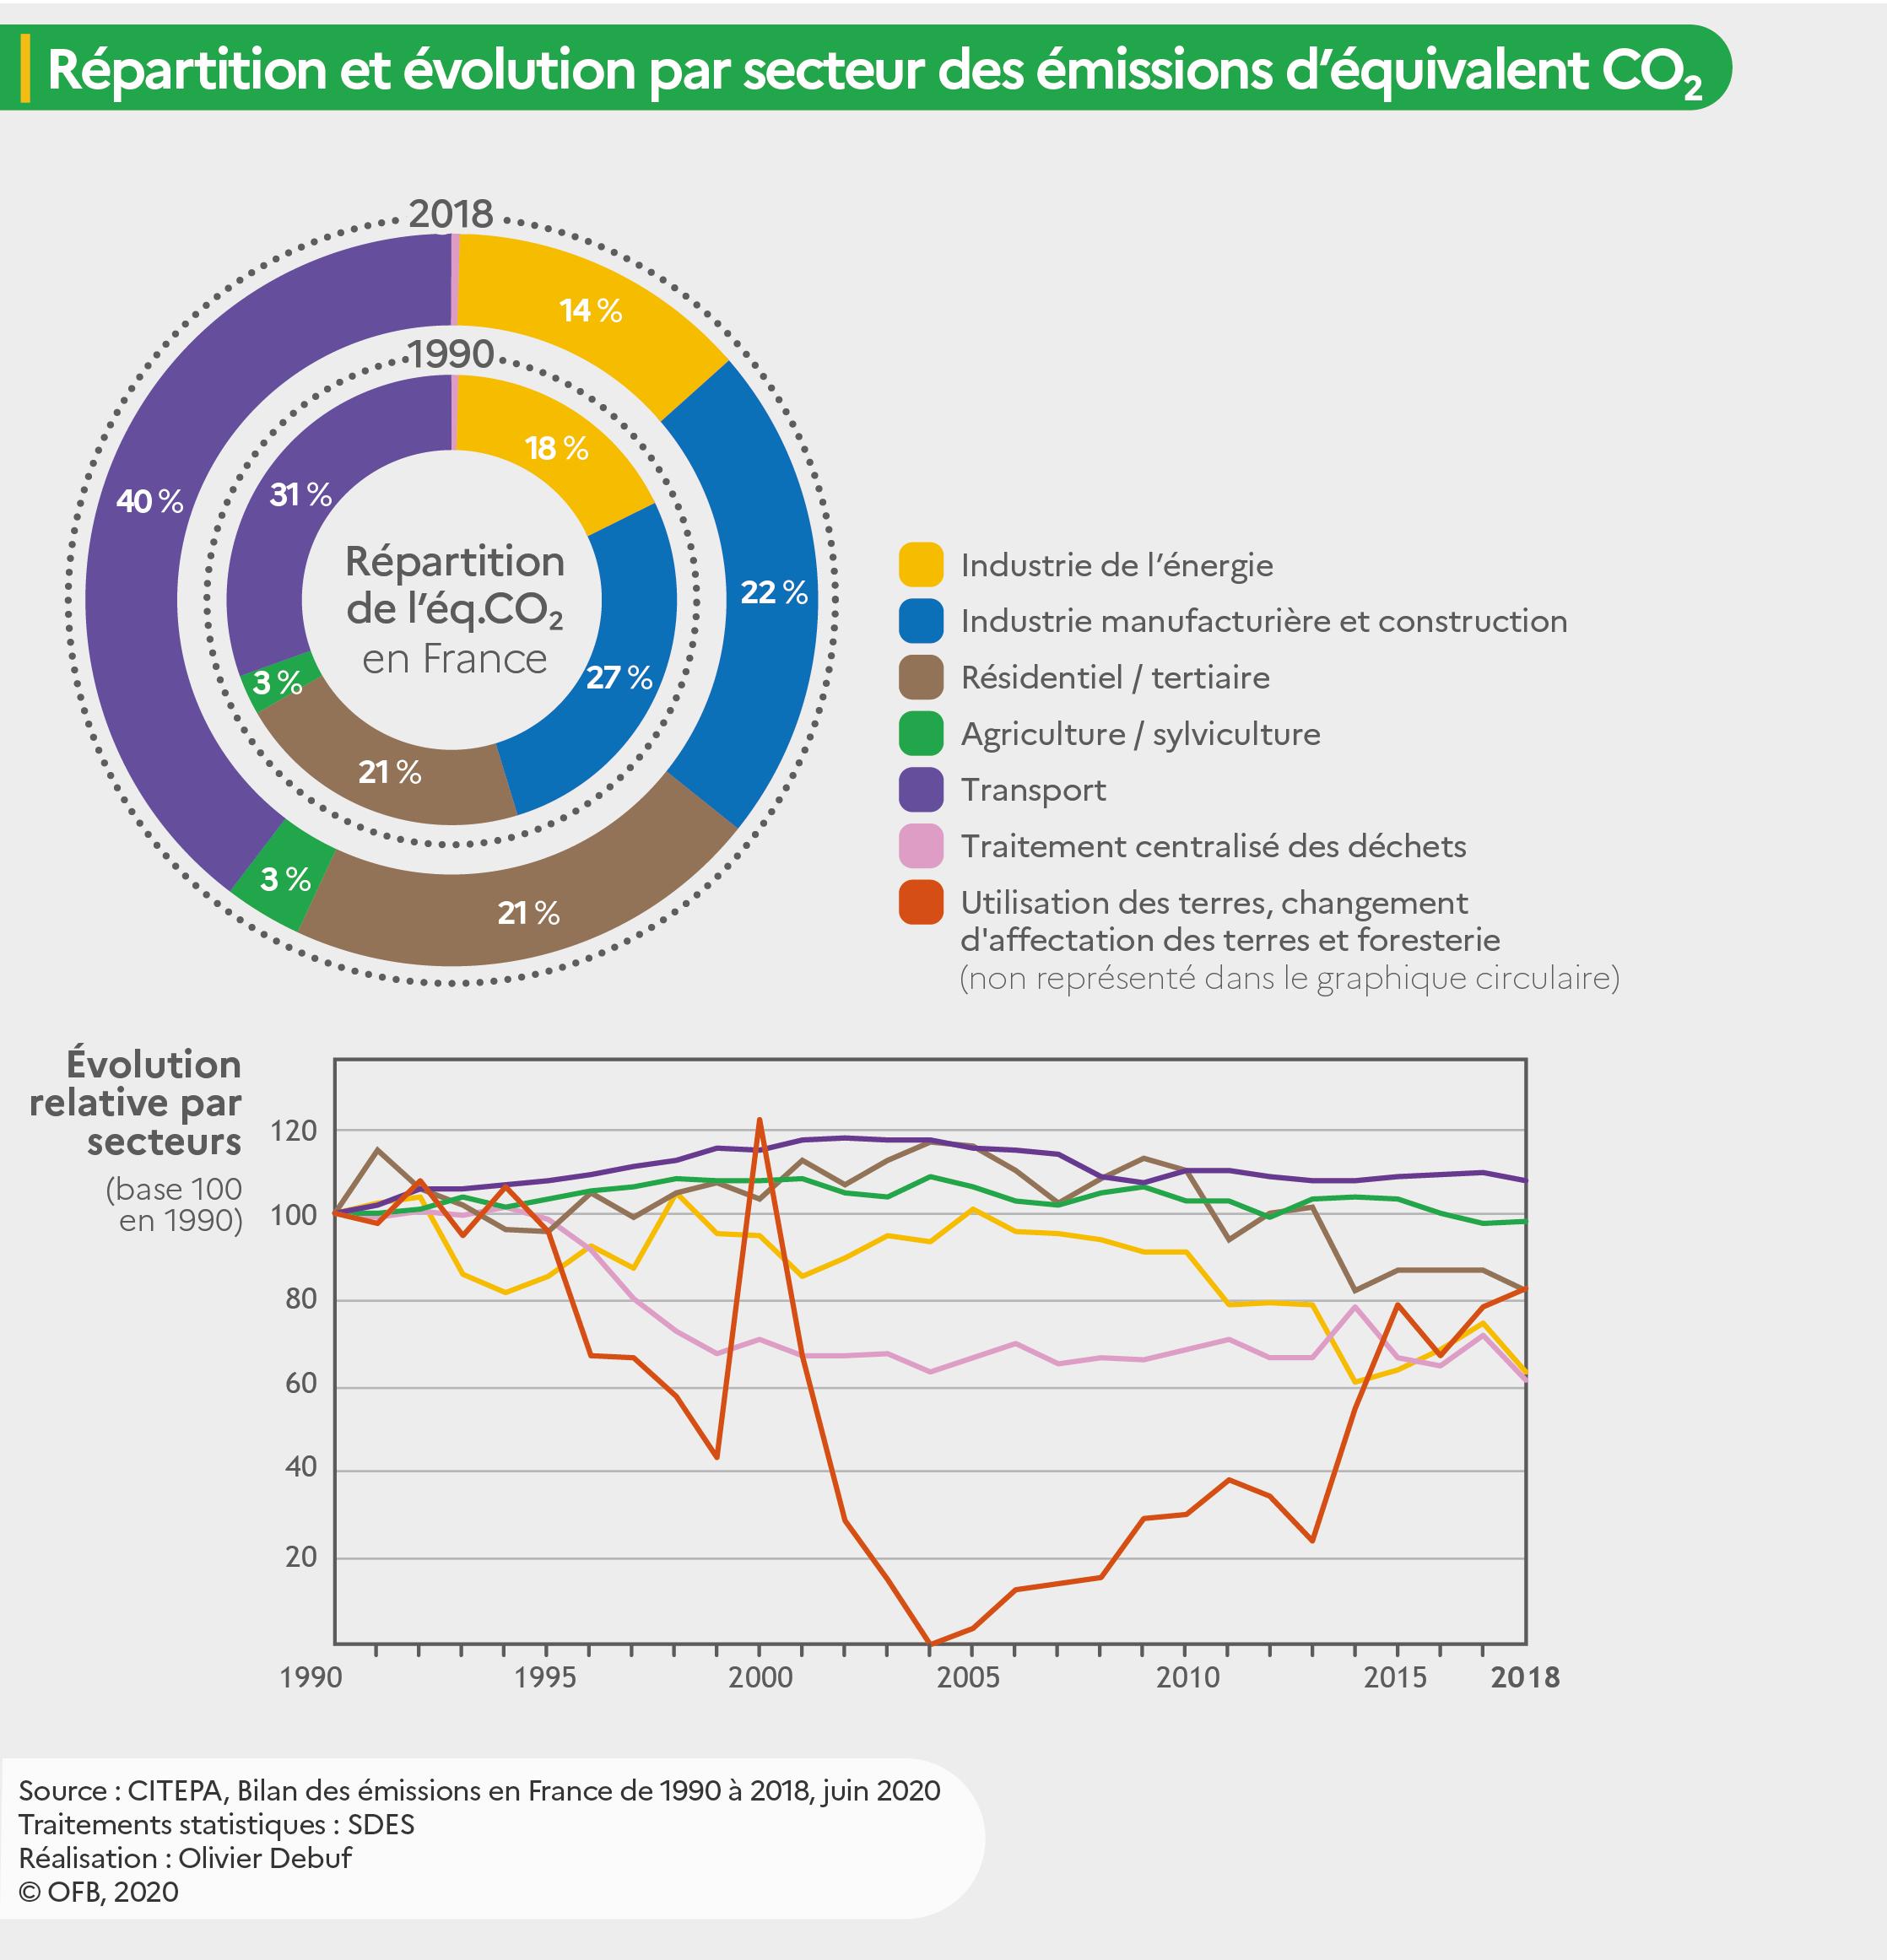 """Graphique """"Répartition et évolution par secteur des émissions de CO2 équivalent (CO2e) en France"""""""